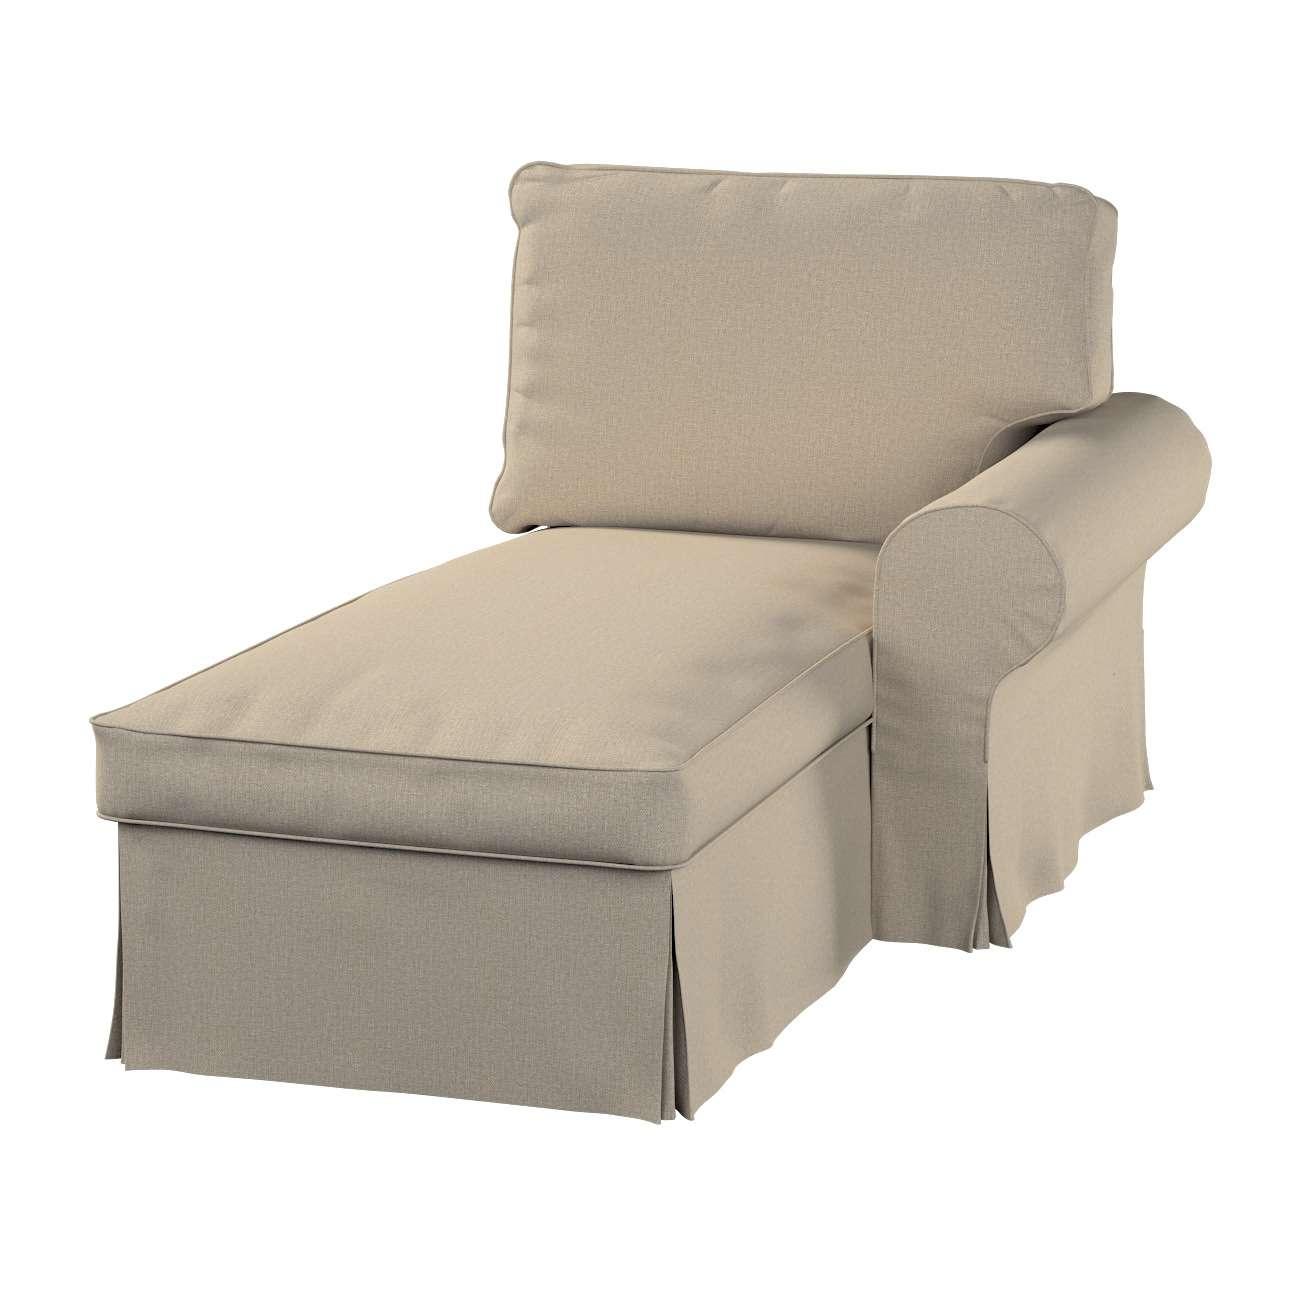 Ektorp gulimajo krėslo užvalkalas  (su porankiu, dešiniojo) Ektorp gulimojo krėslo užvalkalas su porankiu (dešiniojo) kolekcijoje Edinburgh , audinys: 115-78